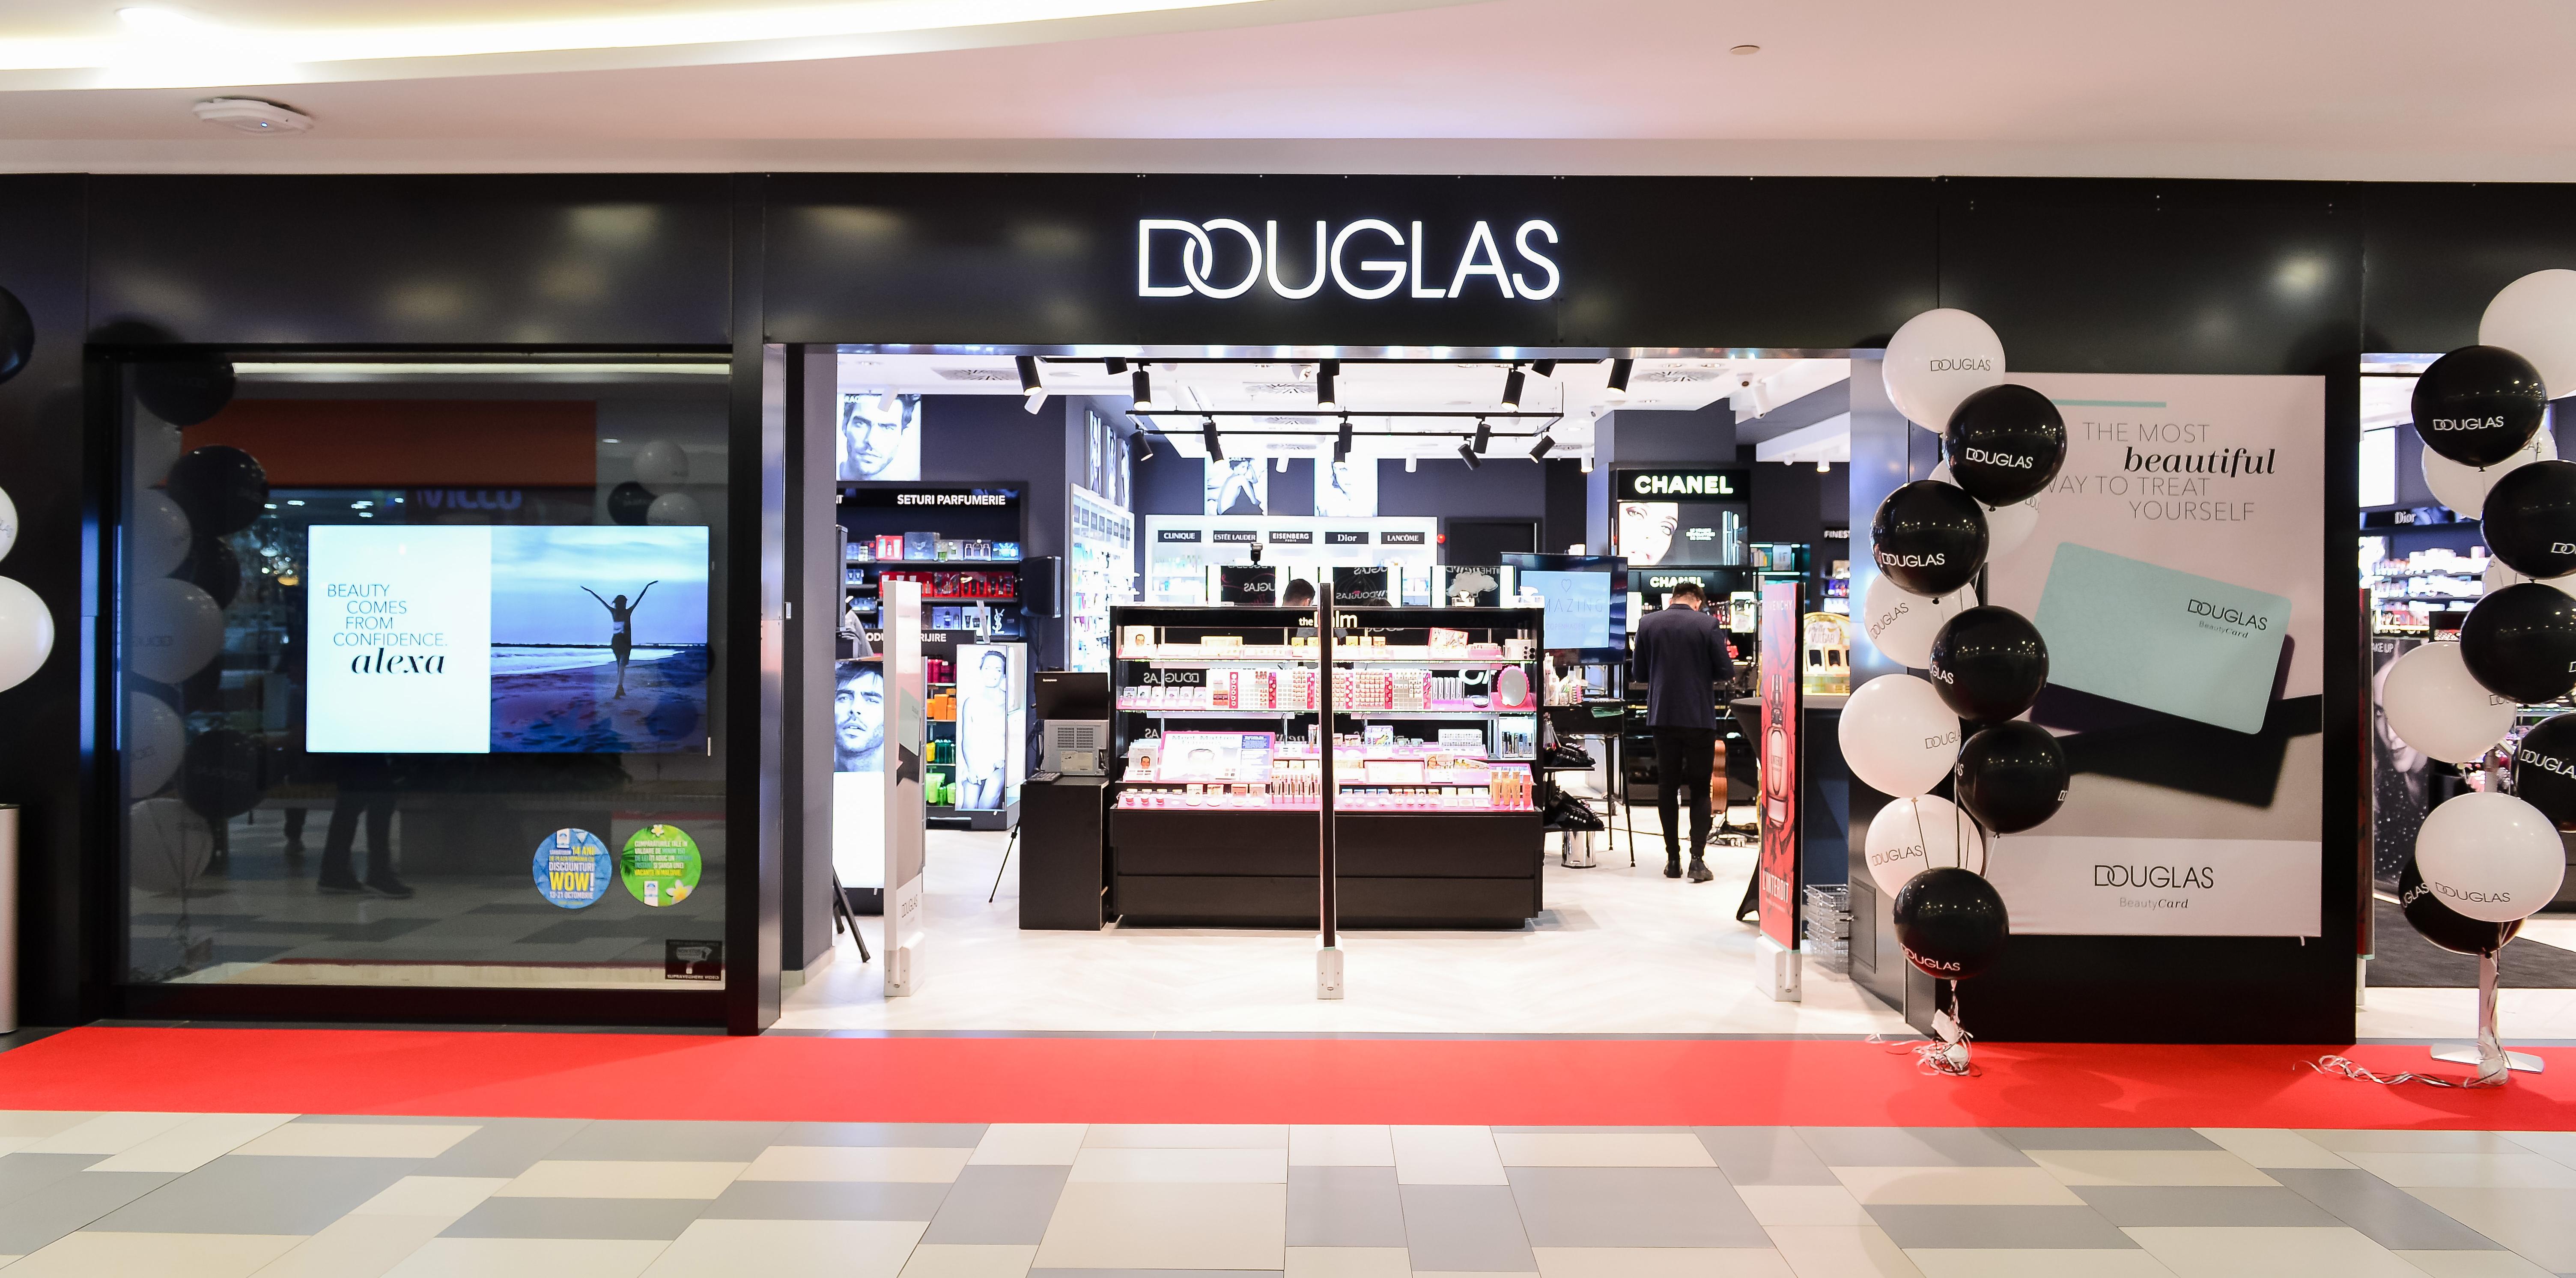 Douglas, magazin de produse de beauty si parfumuri